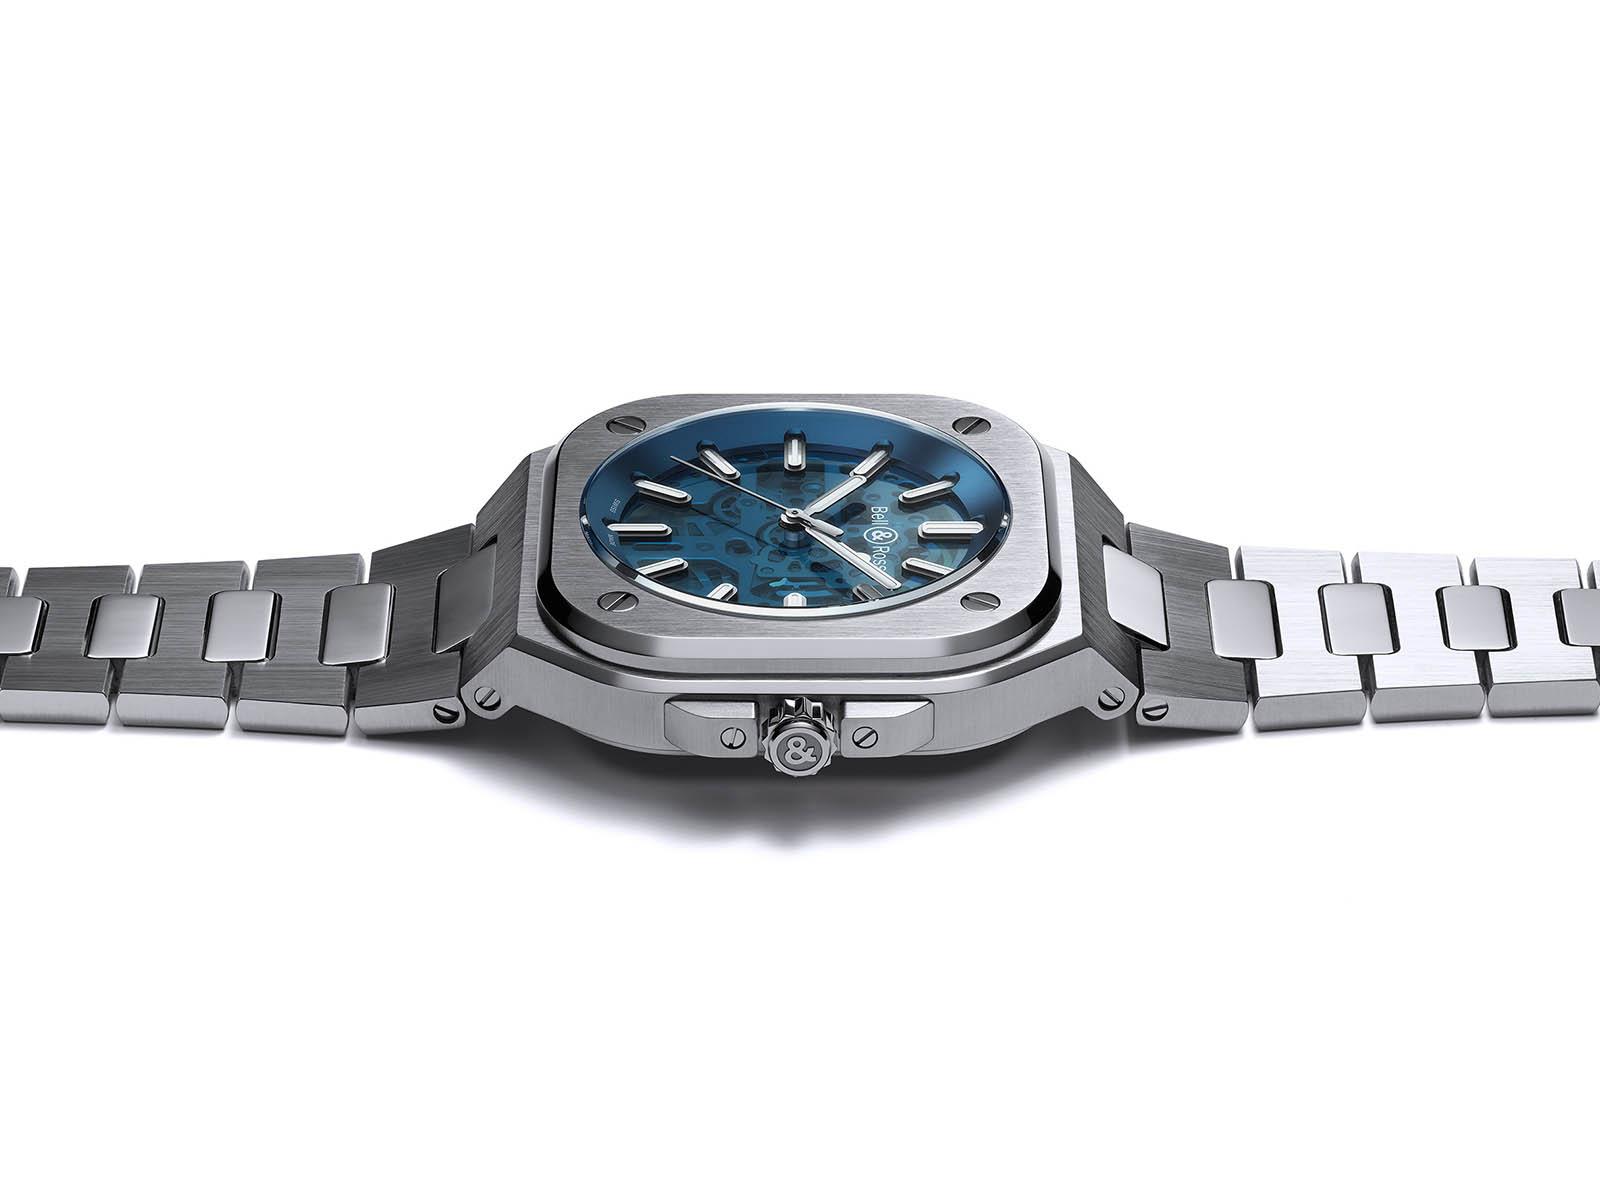 br05a-blu-skst-sst-bell-ross-br-05-skeleton-blue-limited-edition-4.jpg